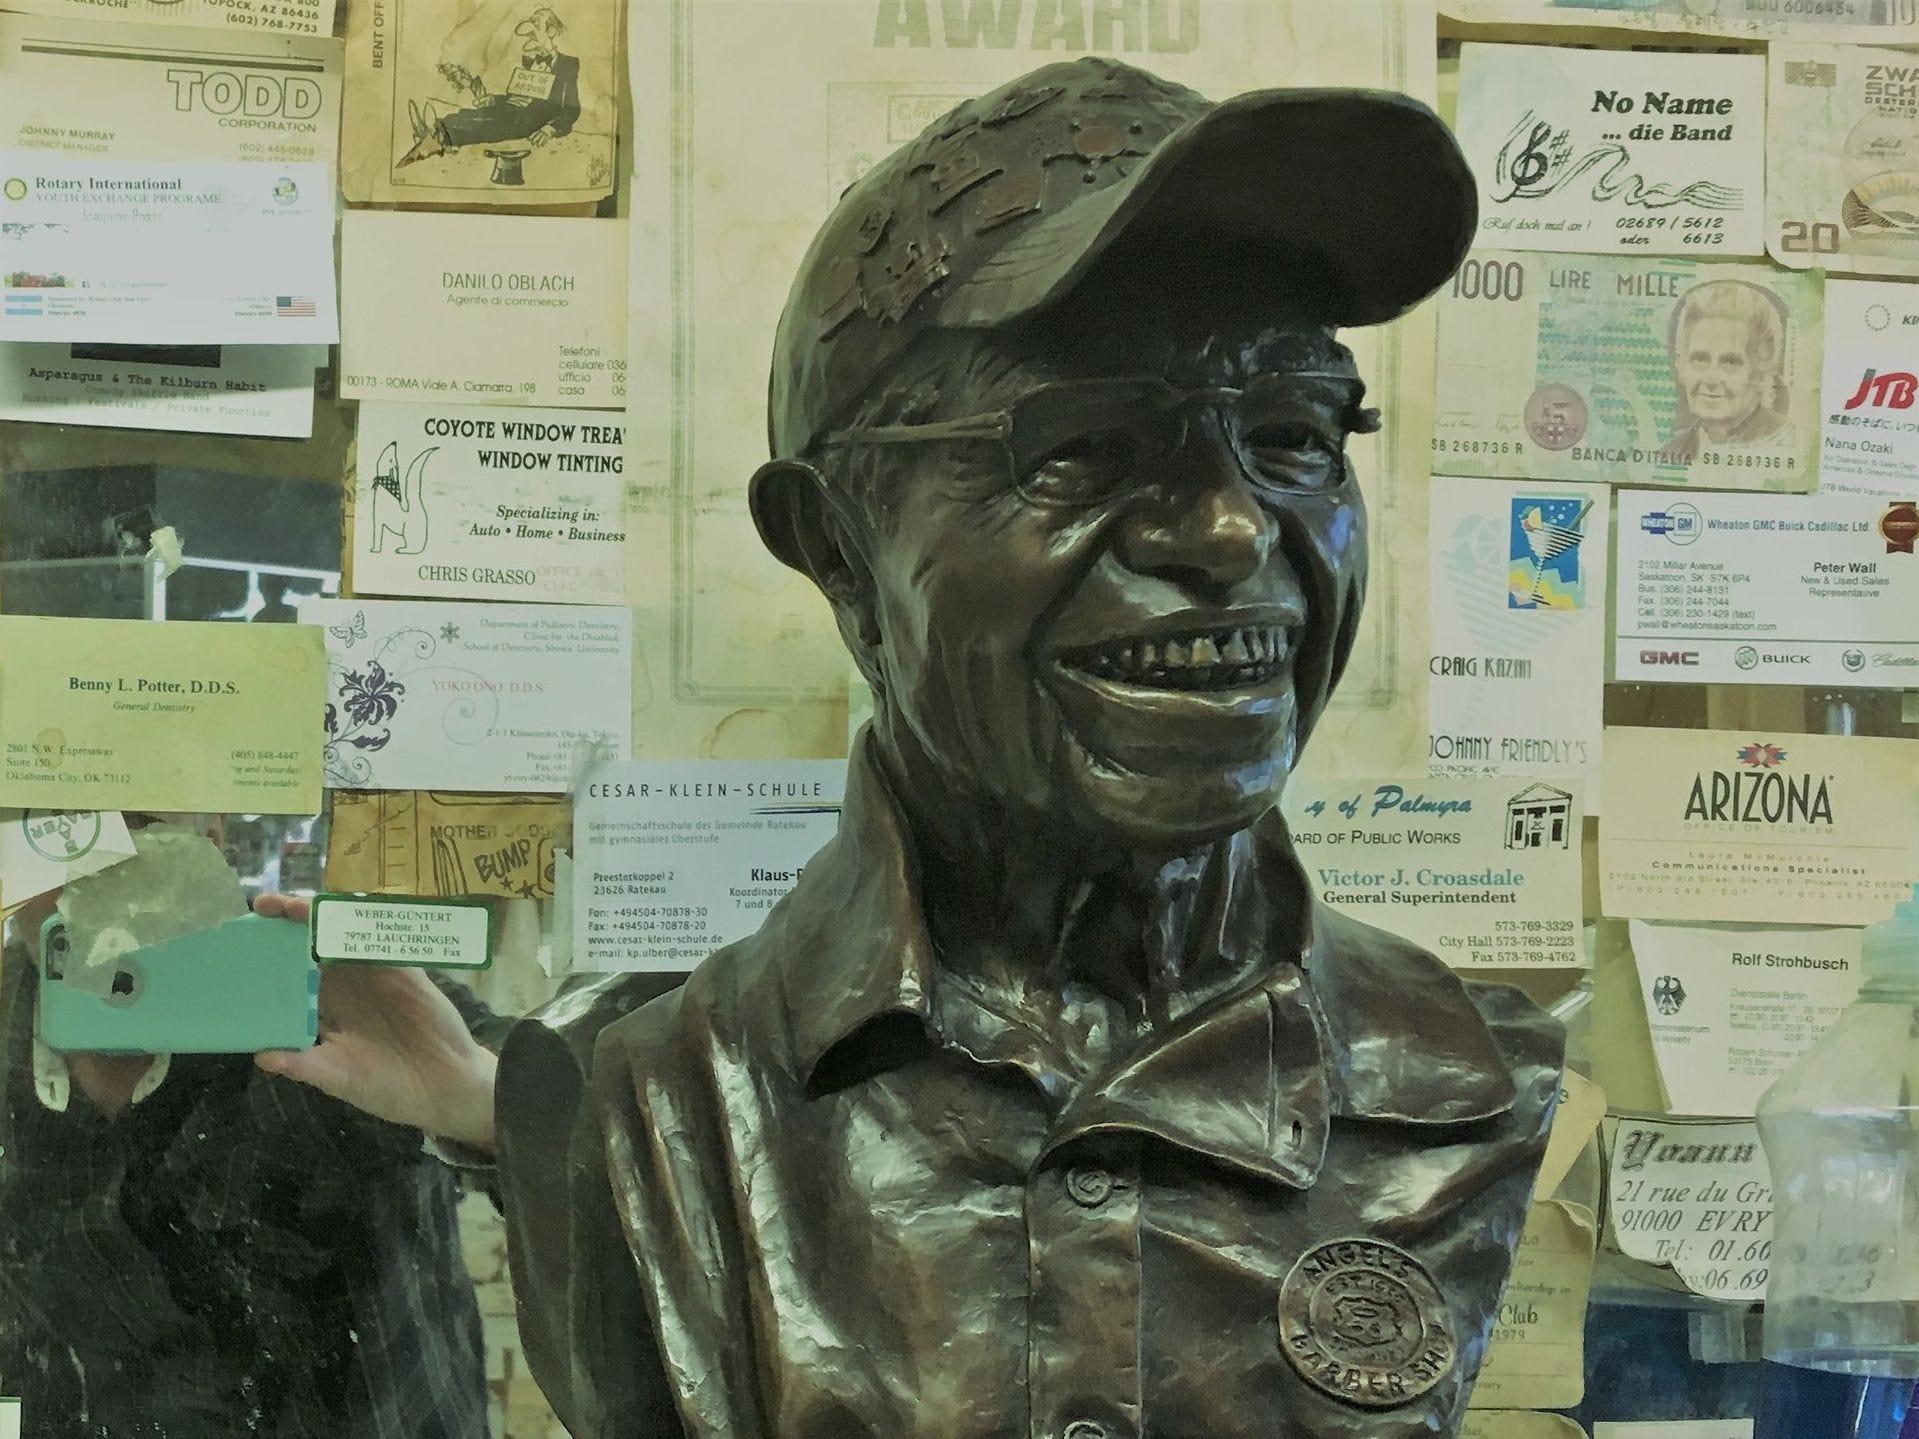 Un busto de Ángel Delgadillo se encuentra en su peluquería en Seligman.